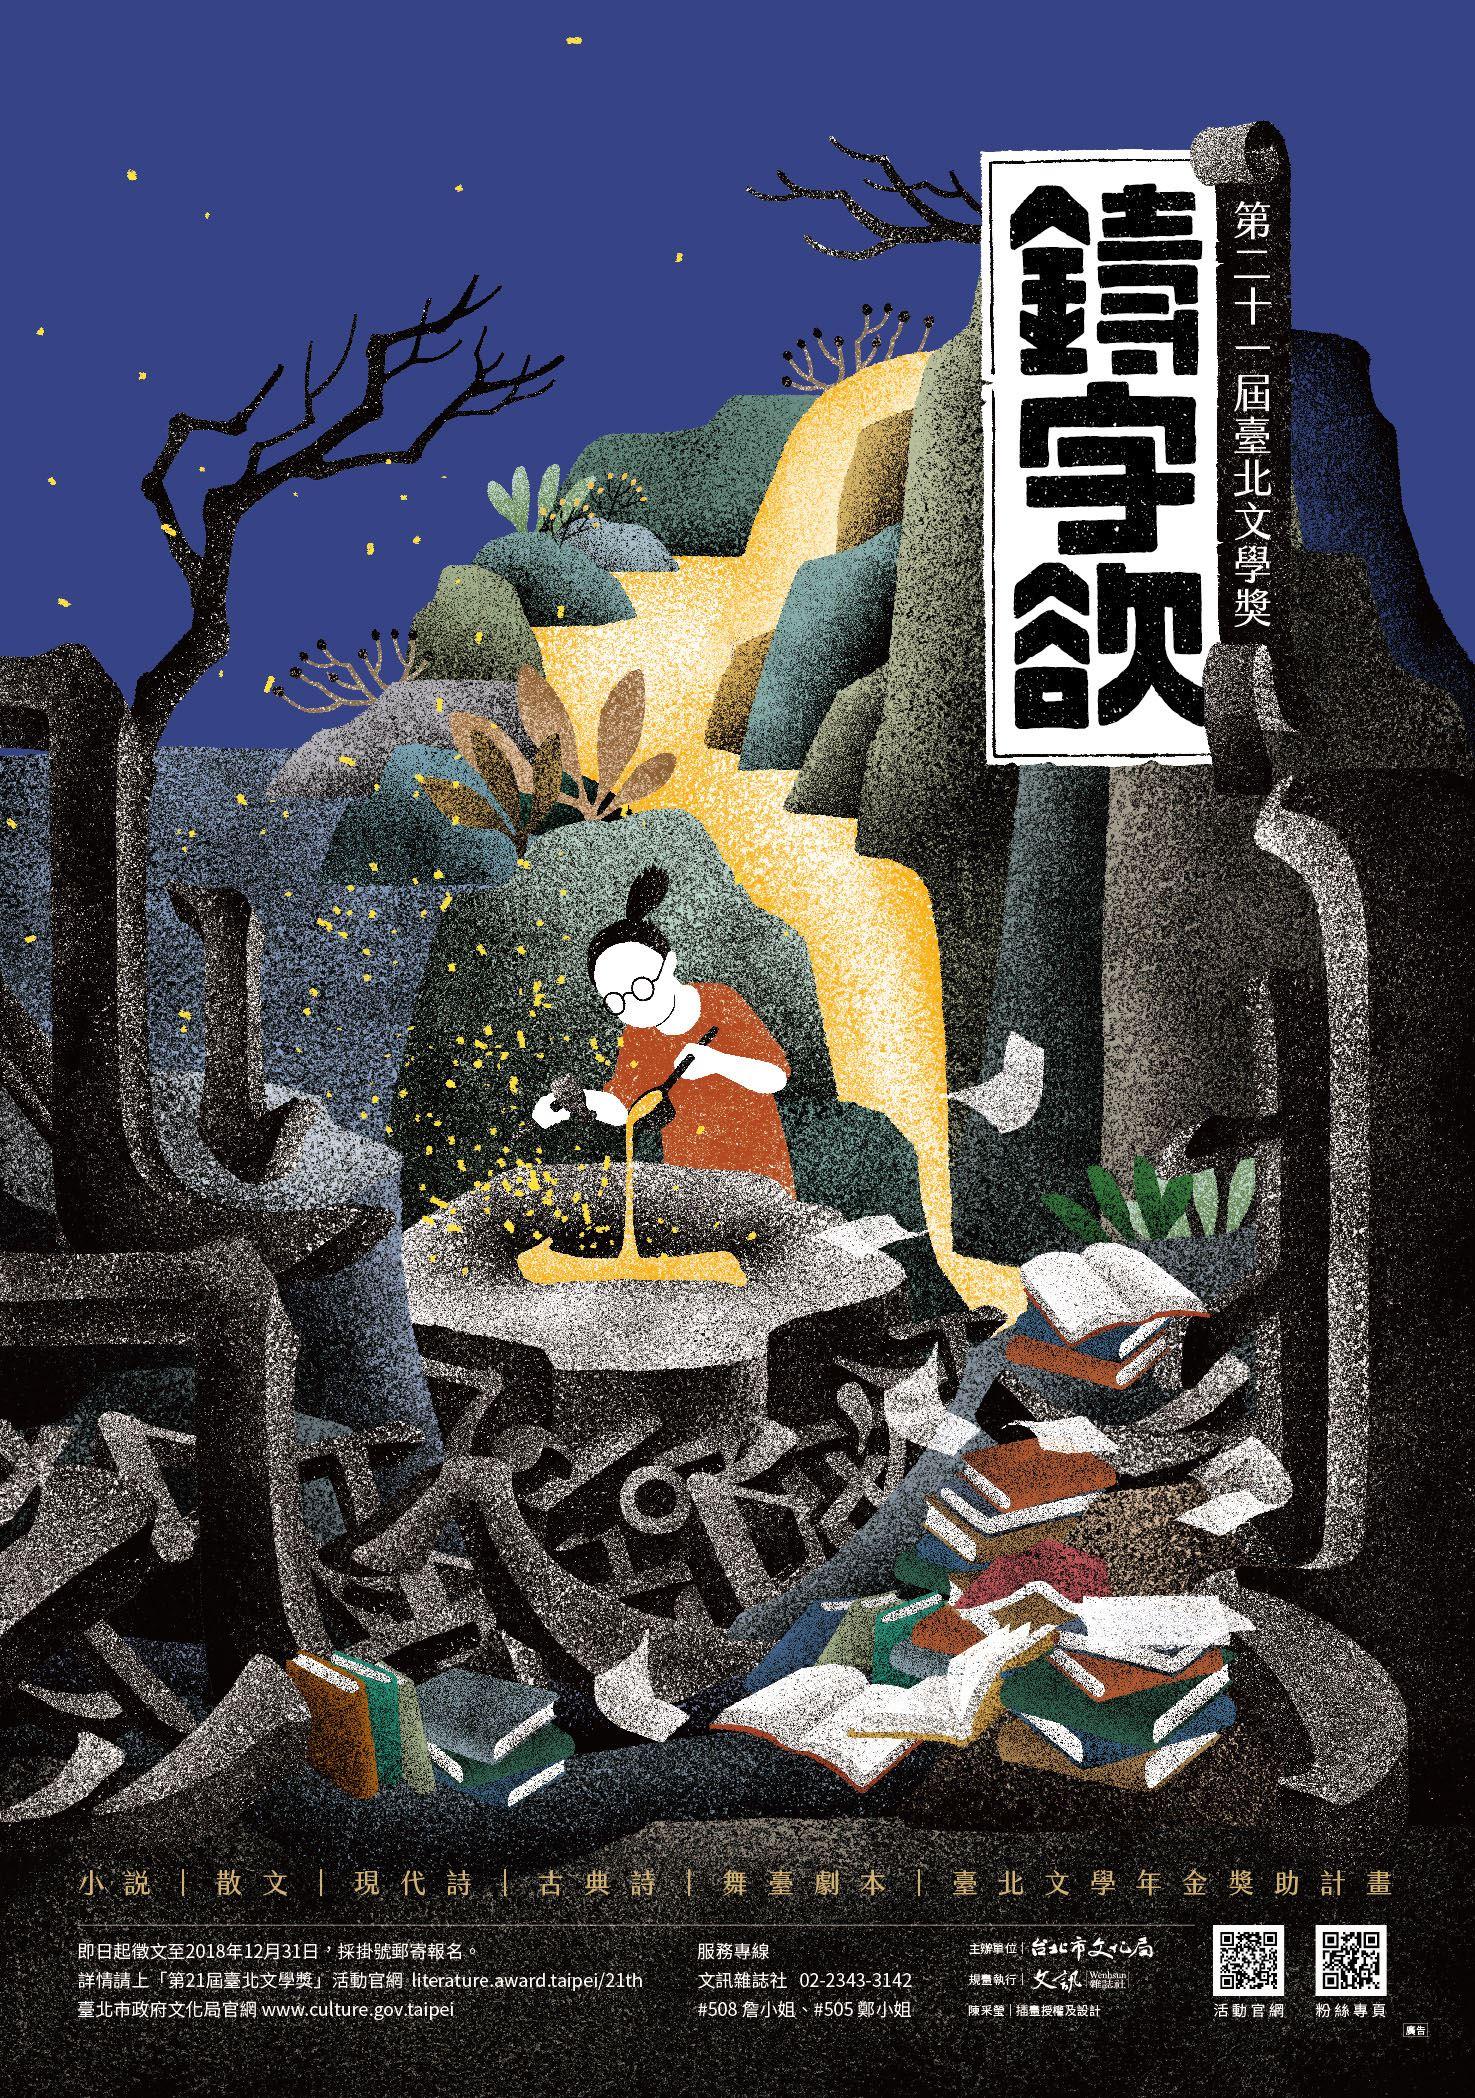 第21 屆臺北文學獎」徵文海報